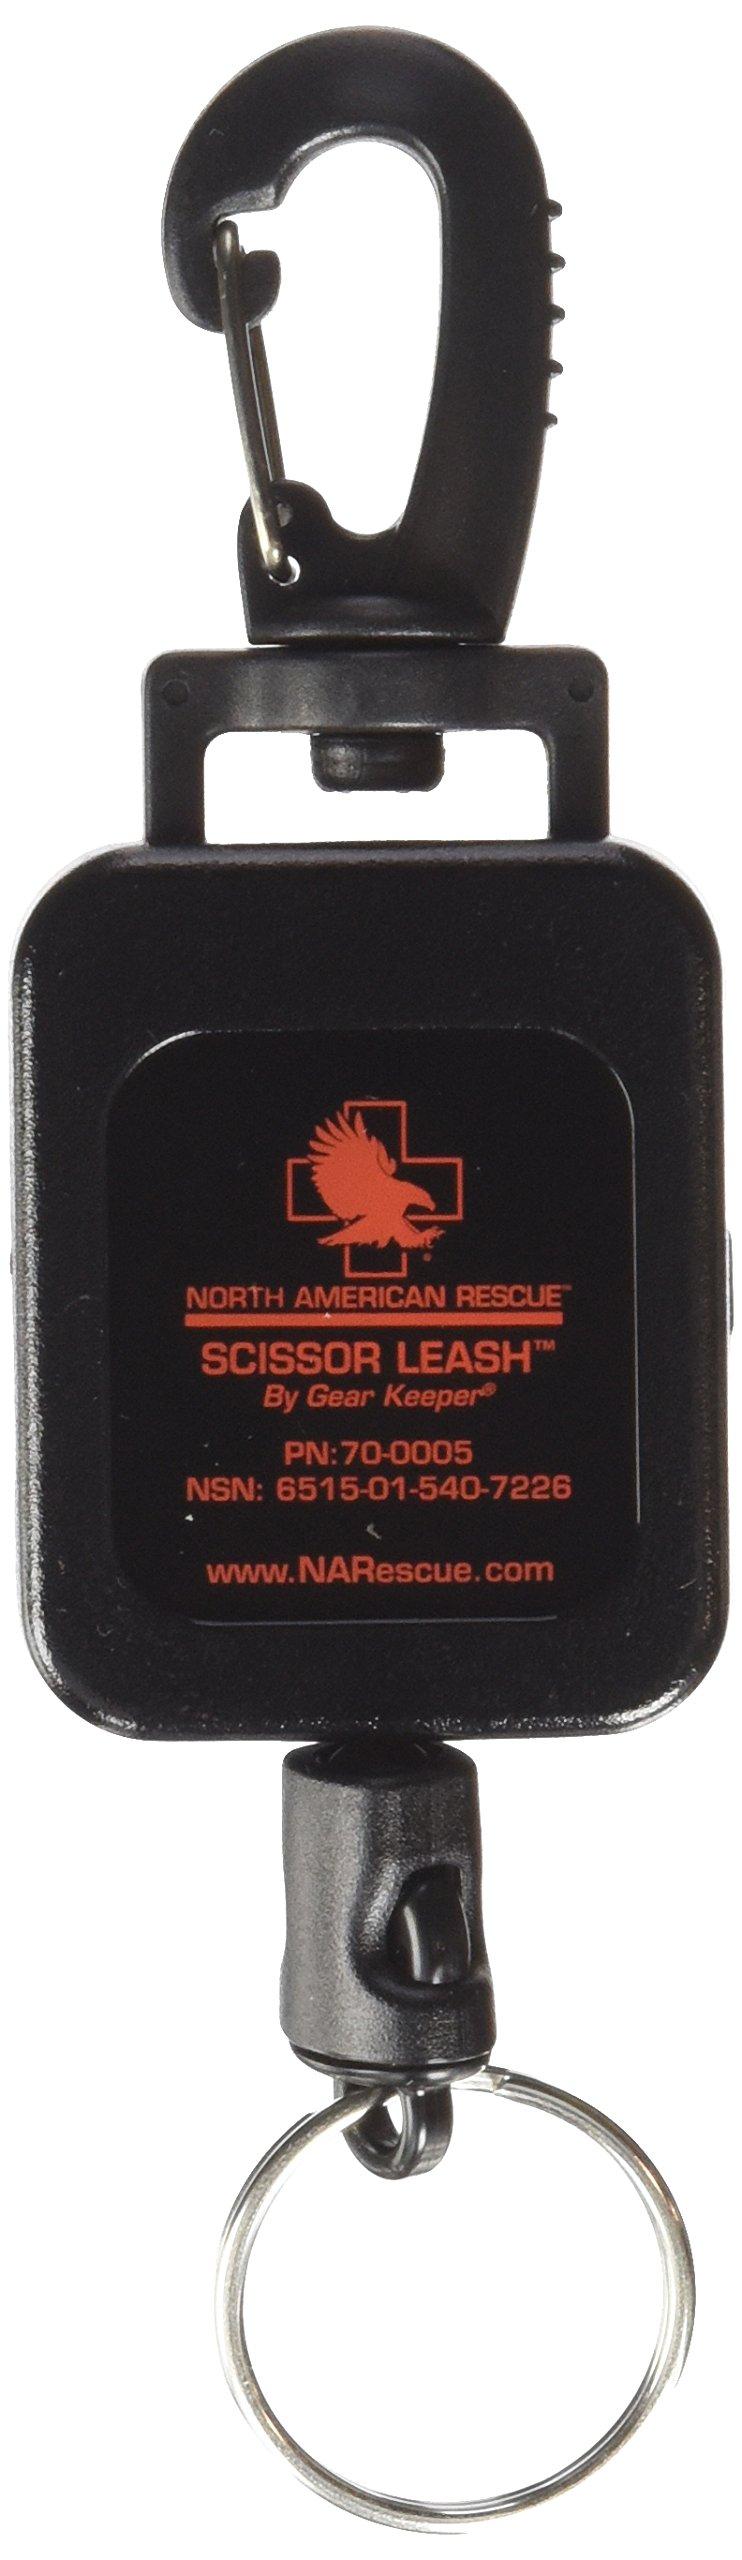 North American Rescue Scissor Leash